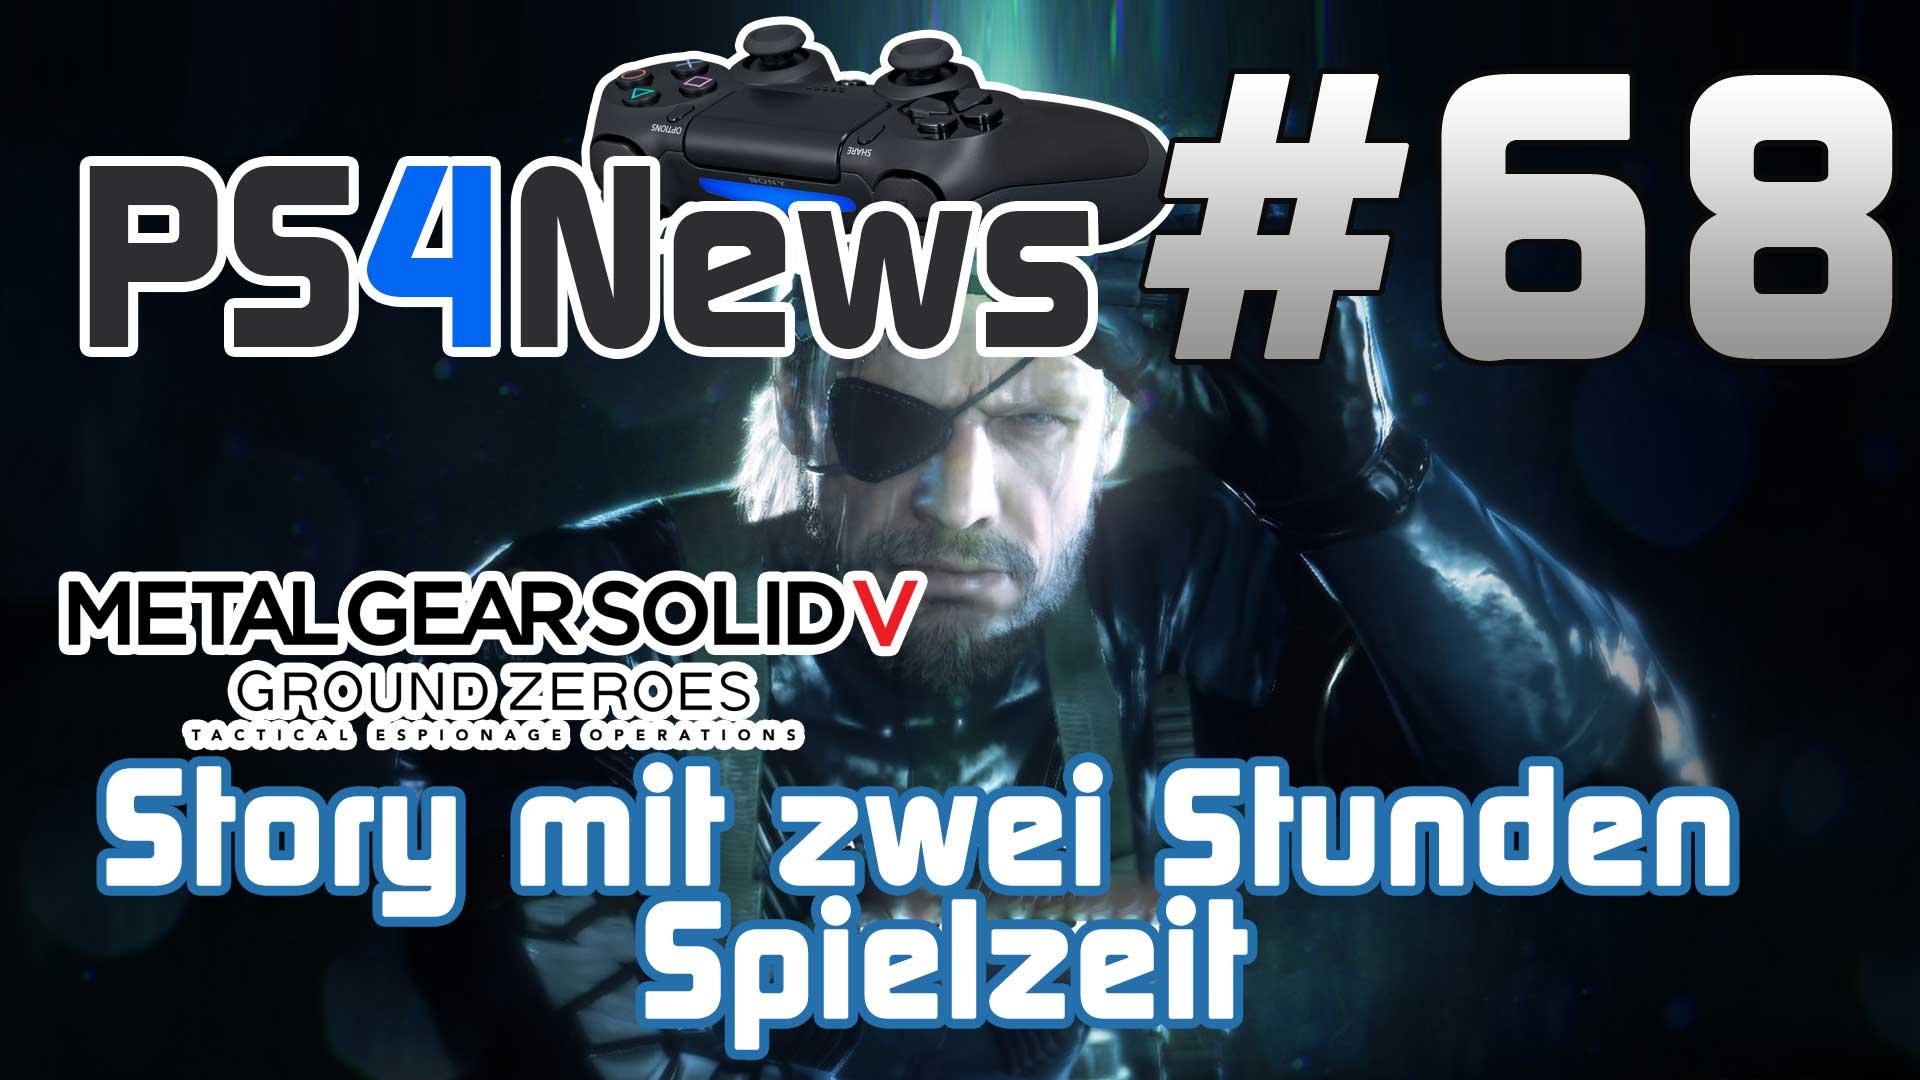 Metal Gear Solid 5 Ground Zeroes Story mit zwei Stunden Spielzeit